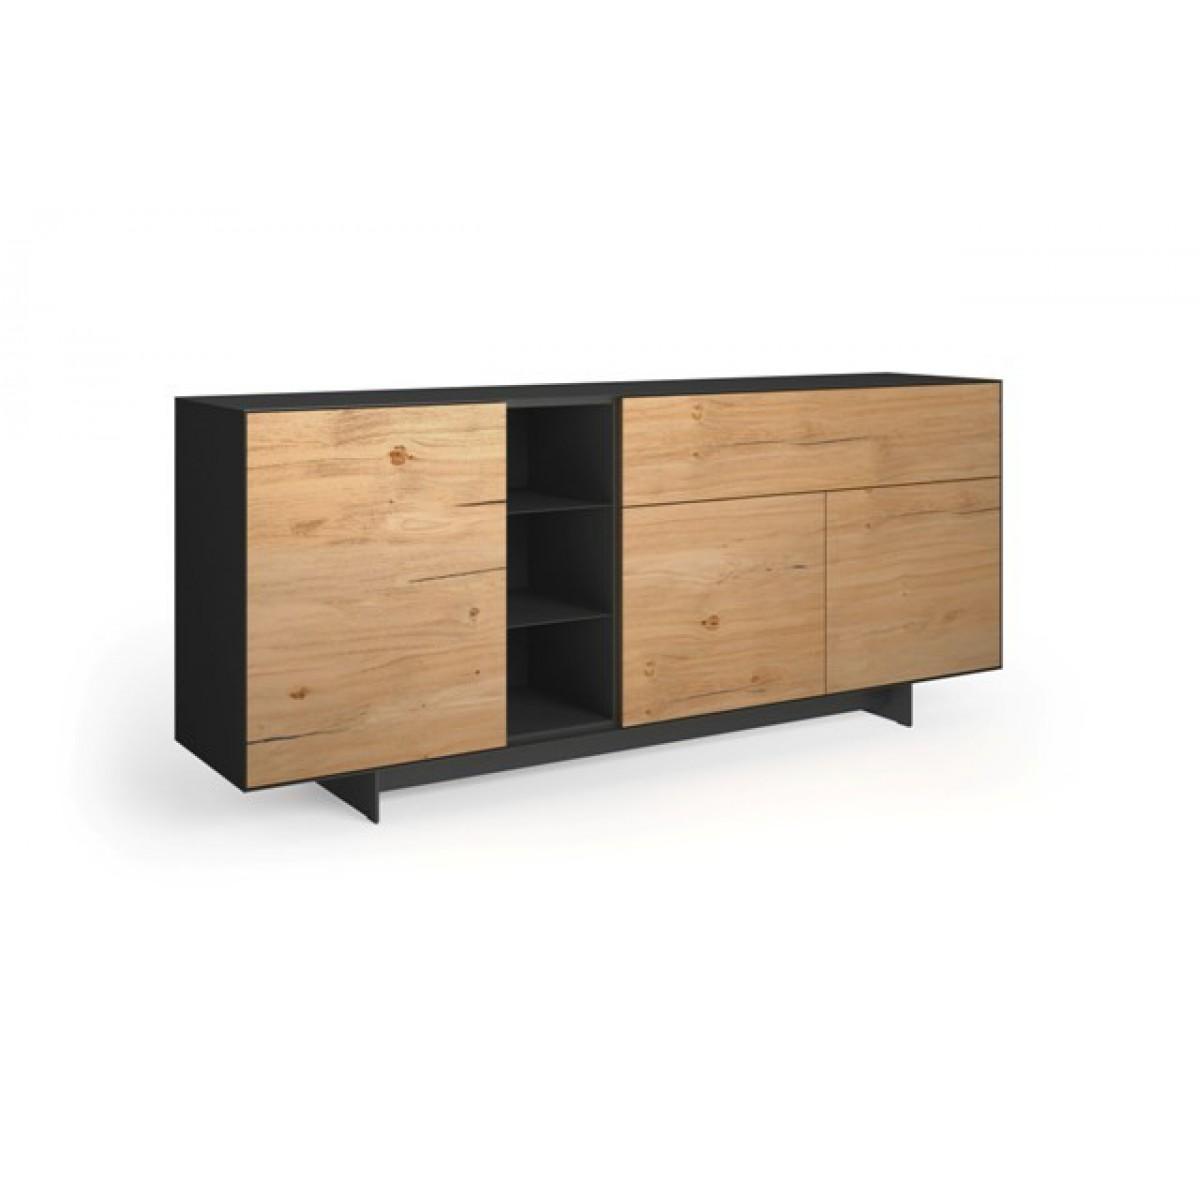 sideboard-brooklyn-dressoir-mintjens-furniture-BR9_S2-miltonhouse